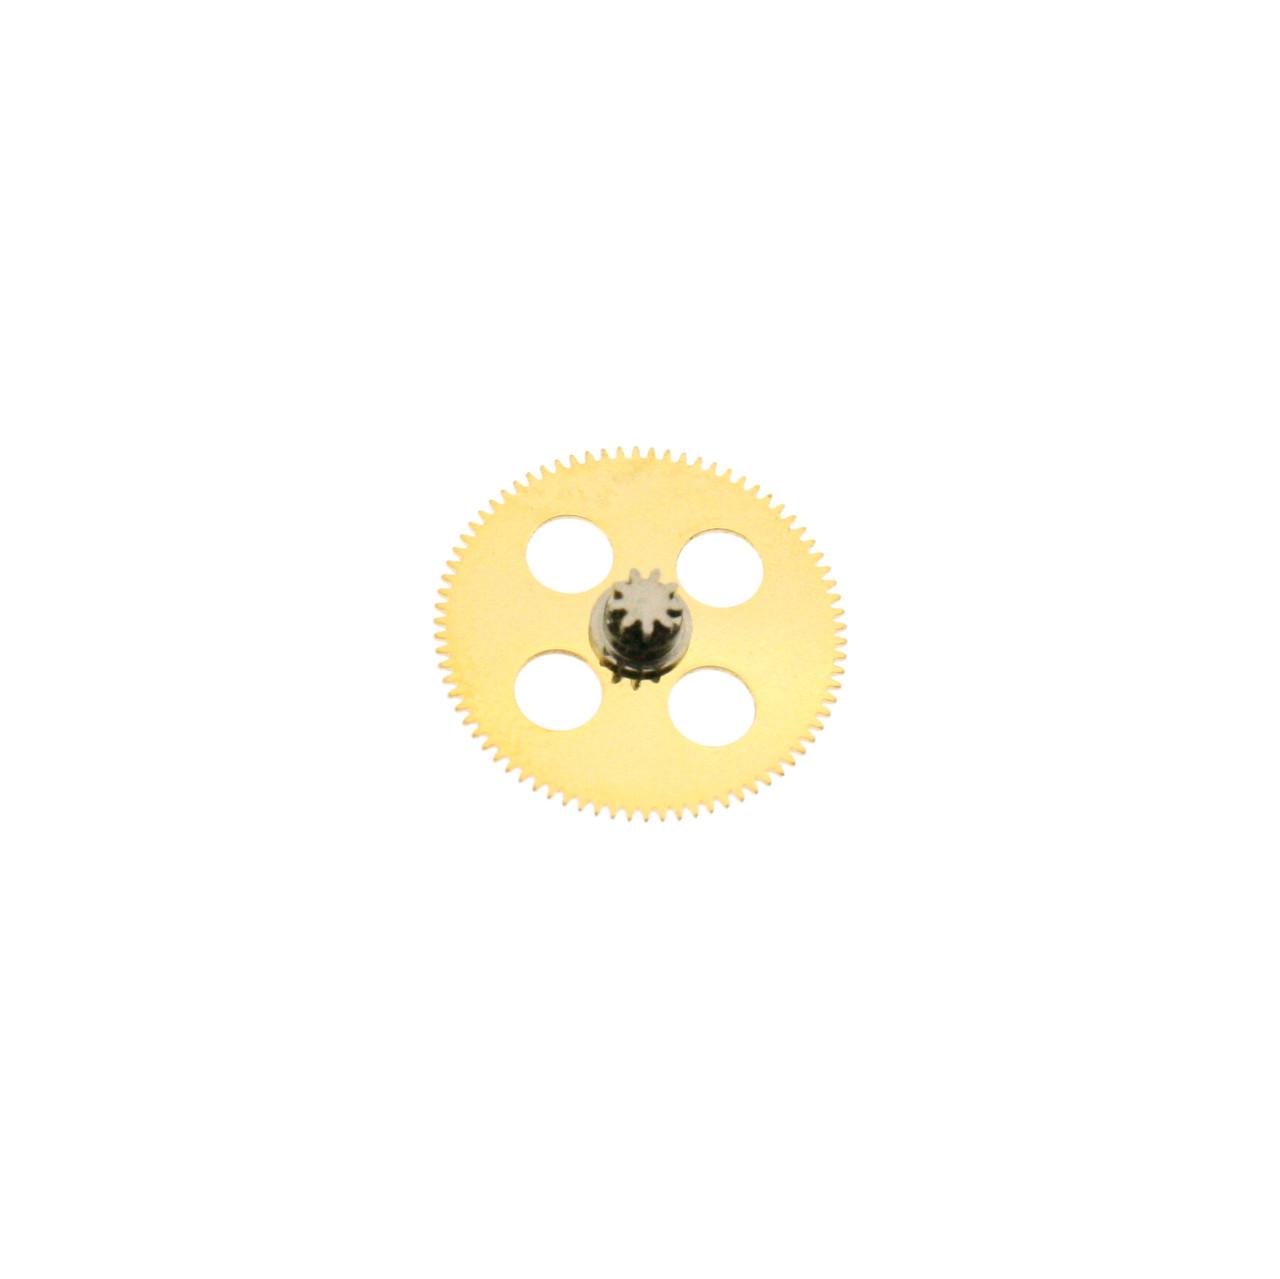 Driving Wheel for Ratchet Wheel 510 - Main